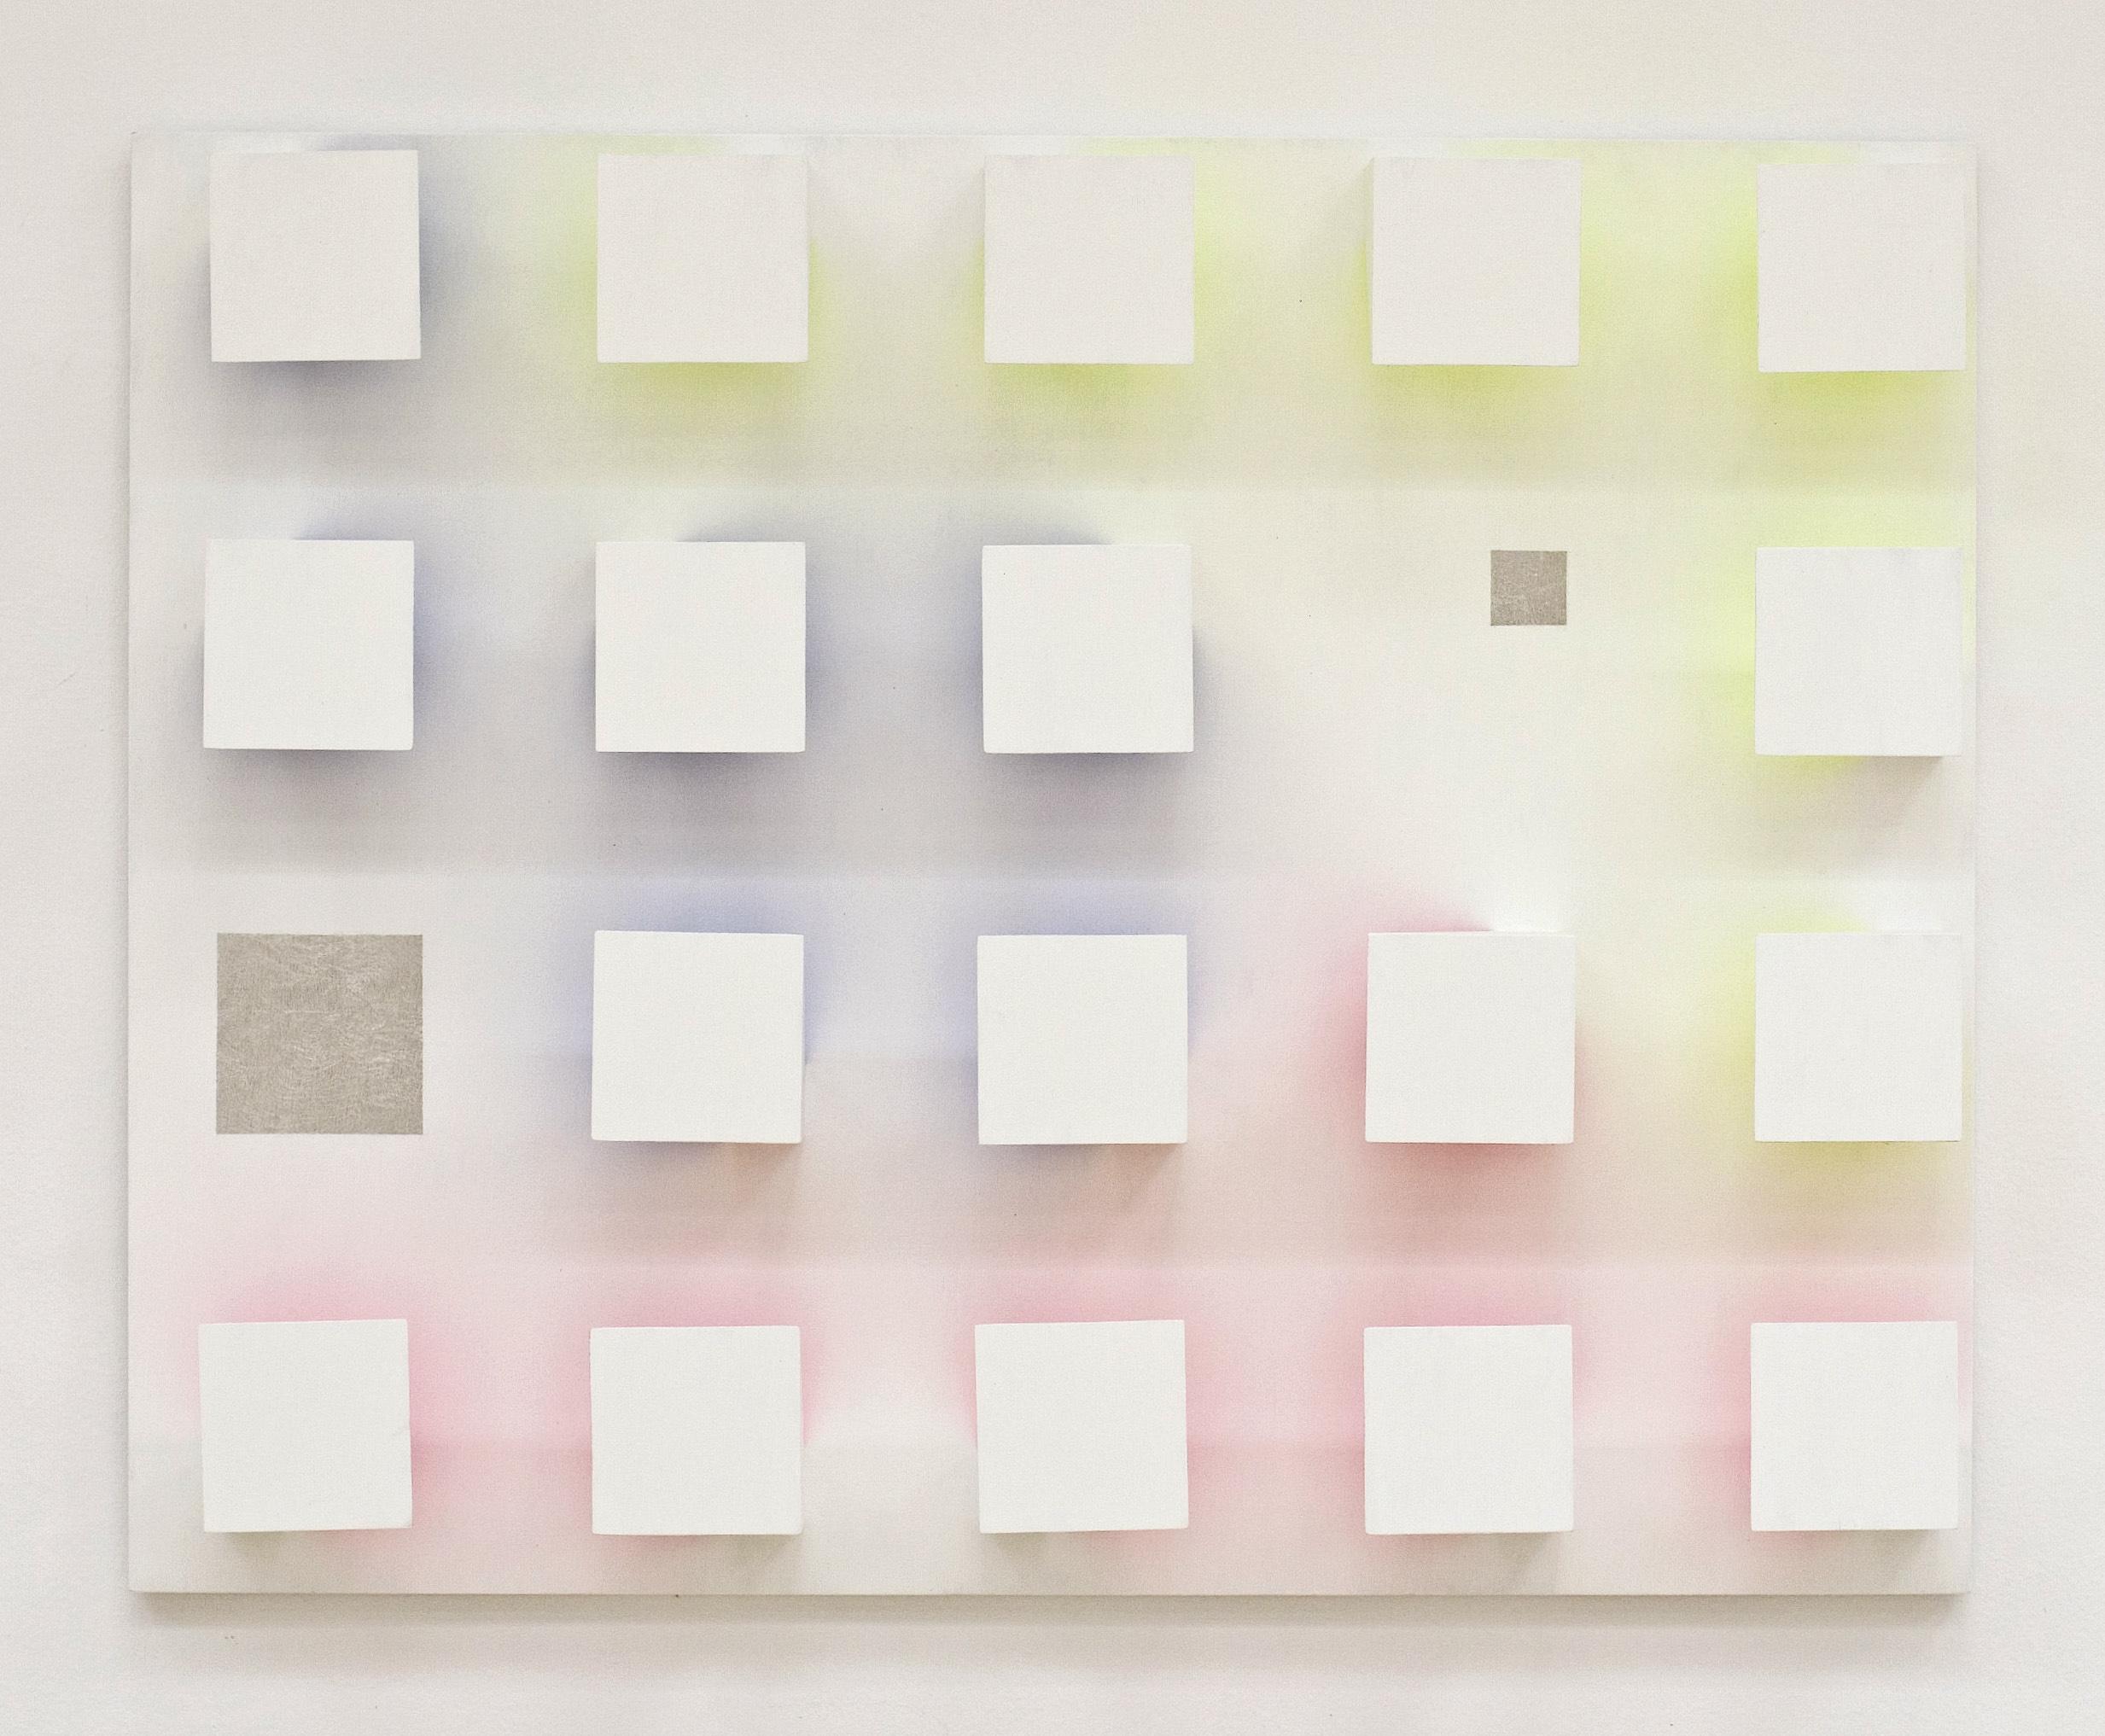 akril, les, 93 x 117 cm, 2006